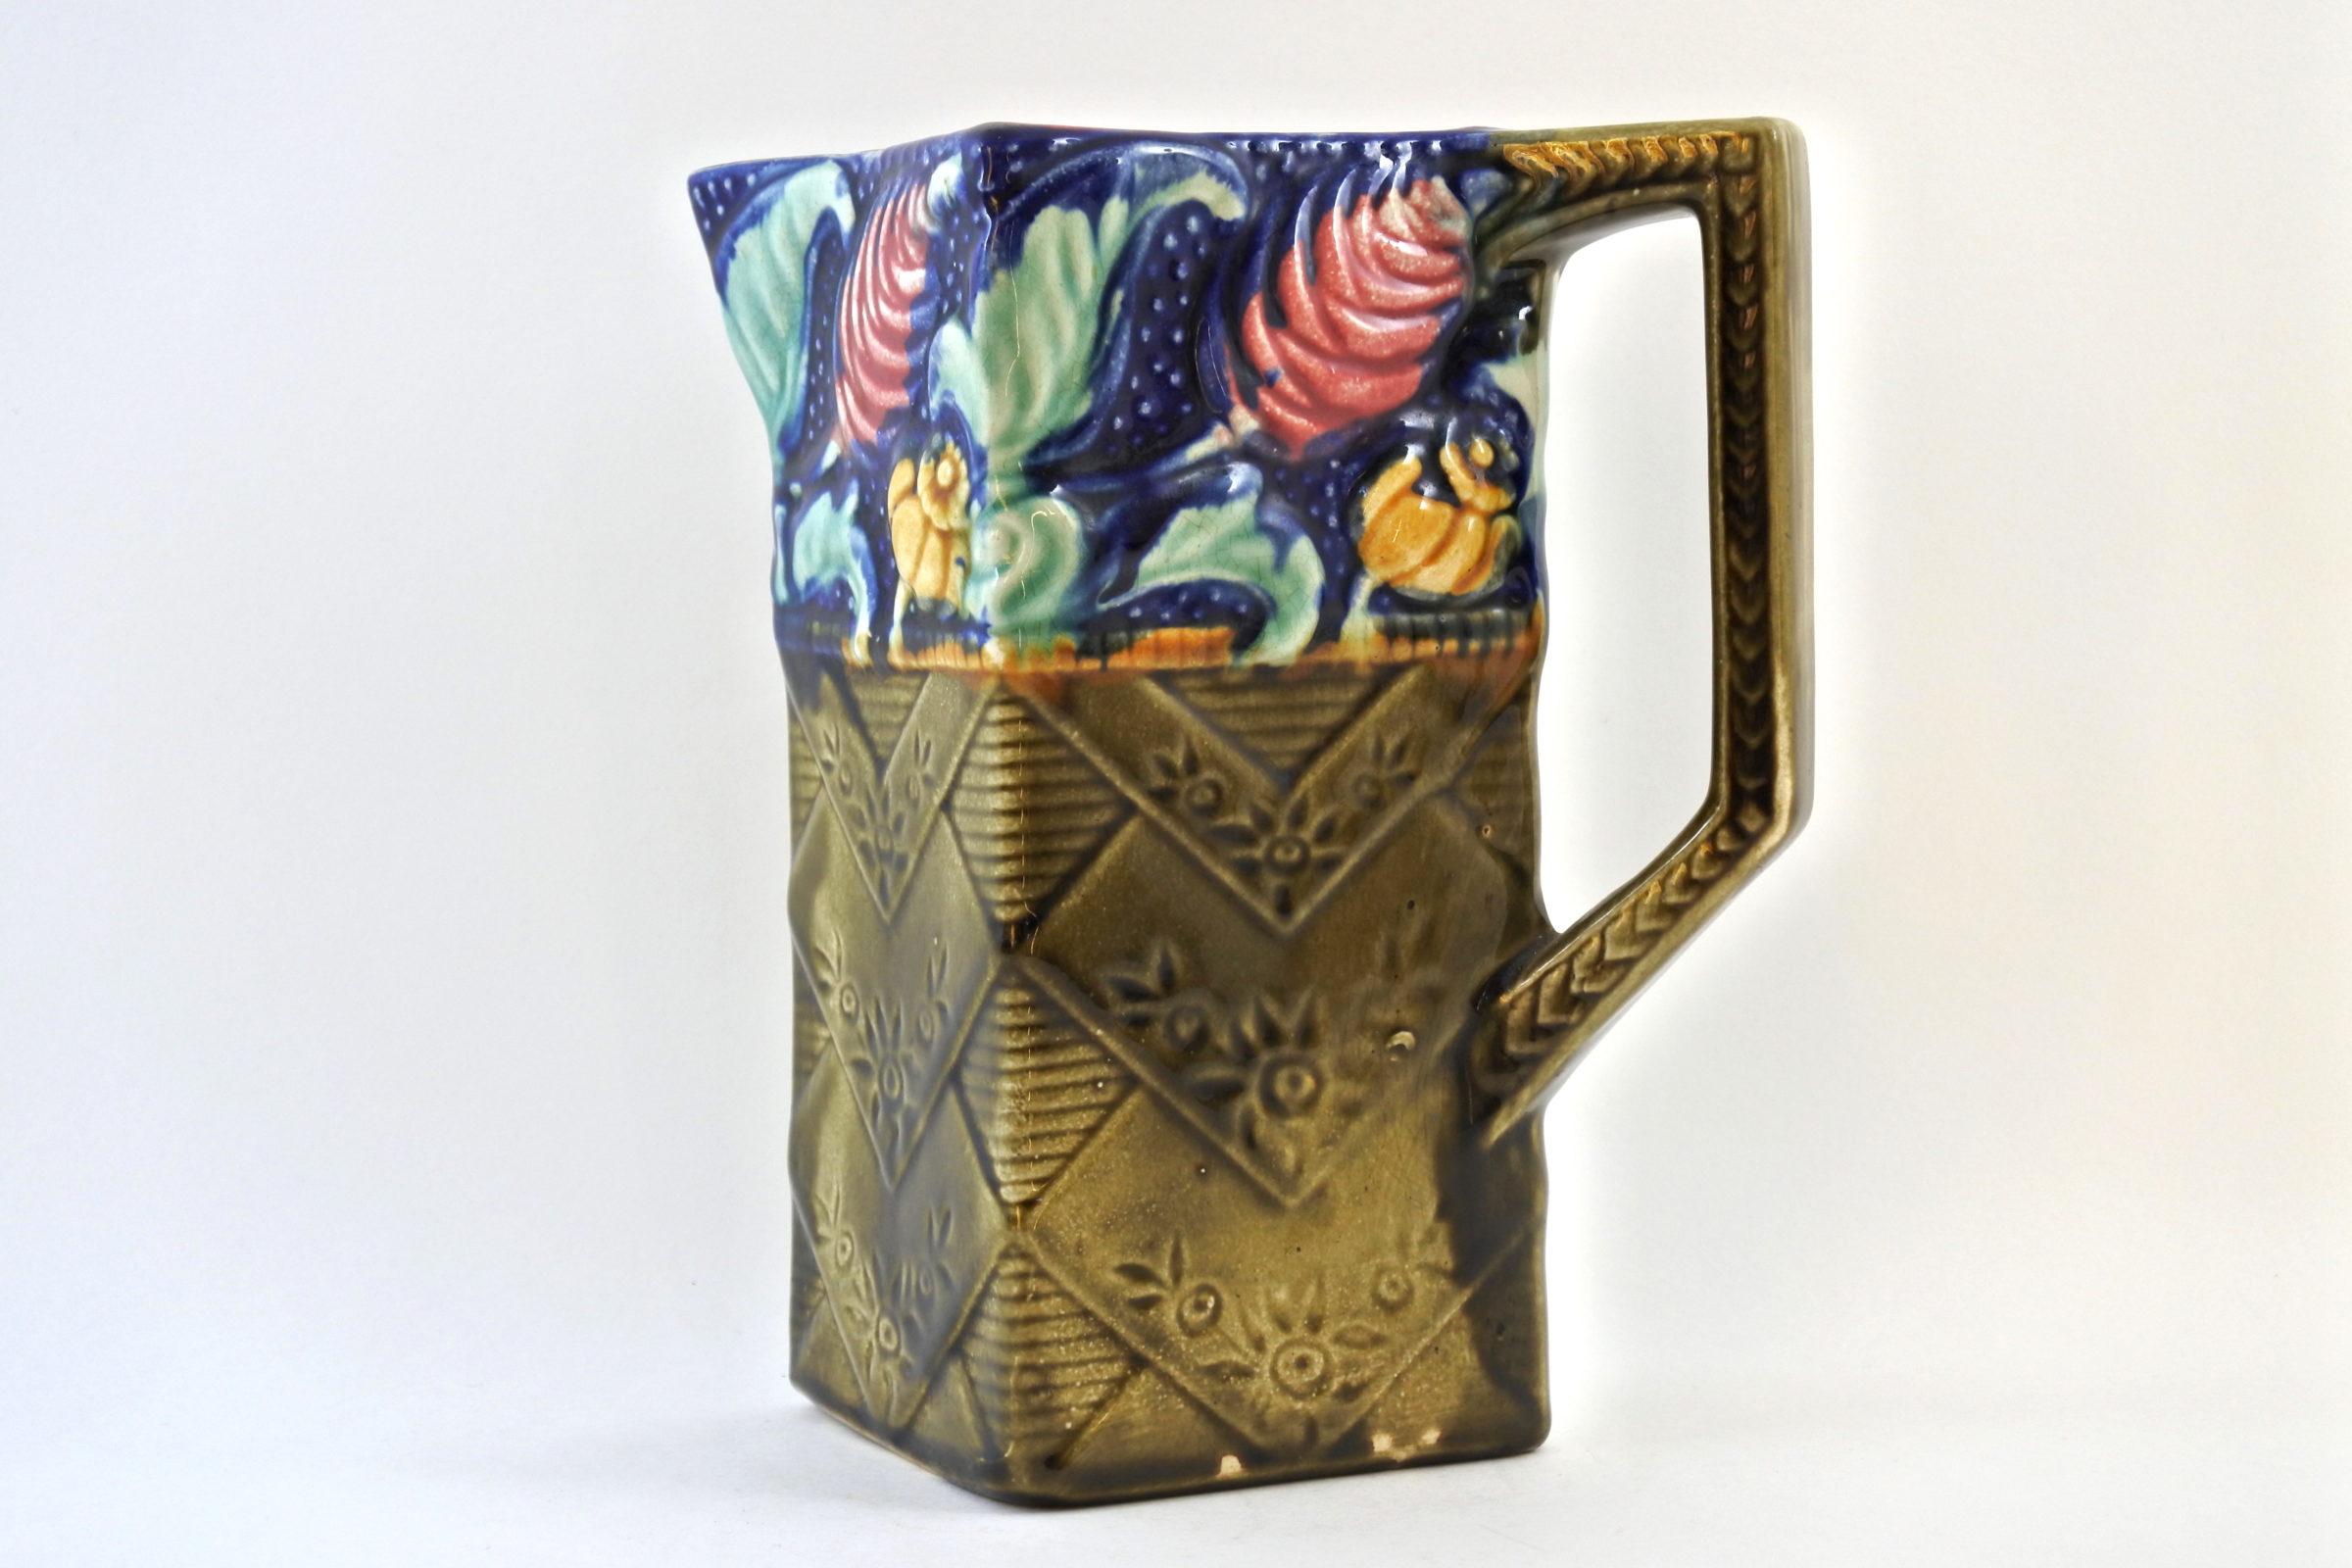 Brocca in ceramica barbotine con fiori - Céleste - 2